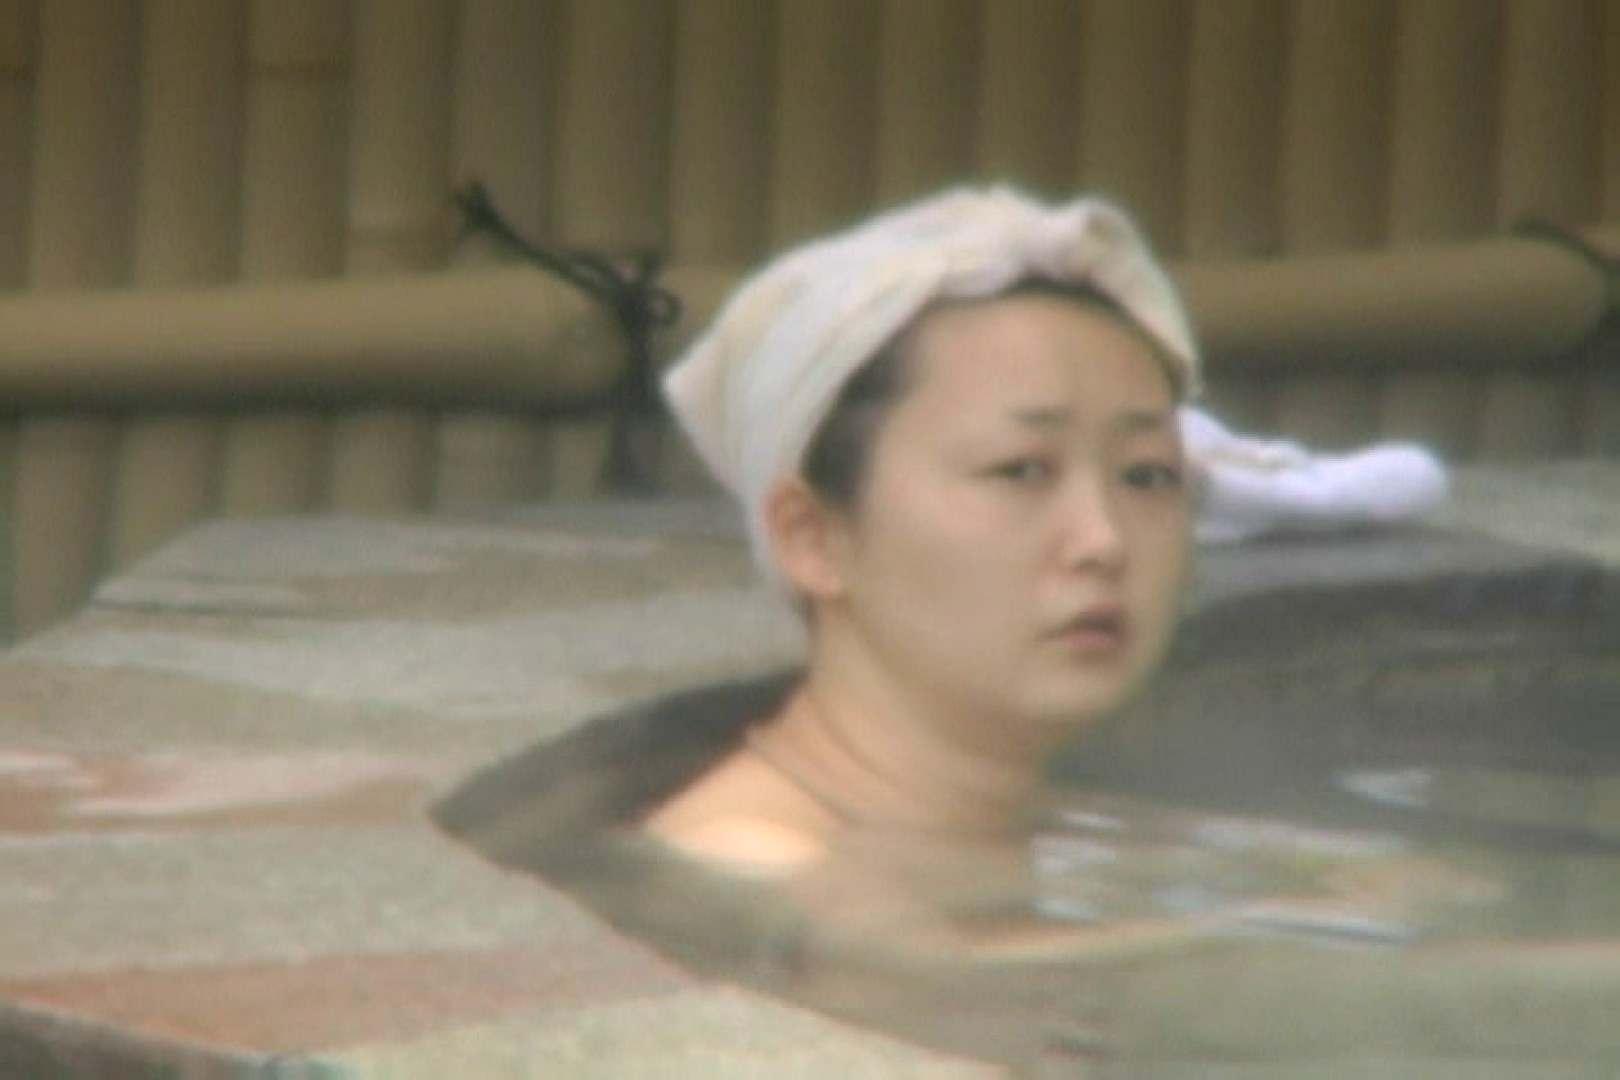 Aquaな露天風呂Vol.564 0   0  99pic 45